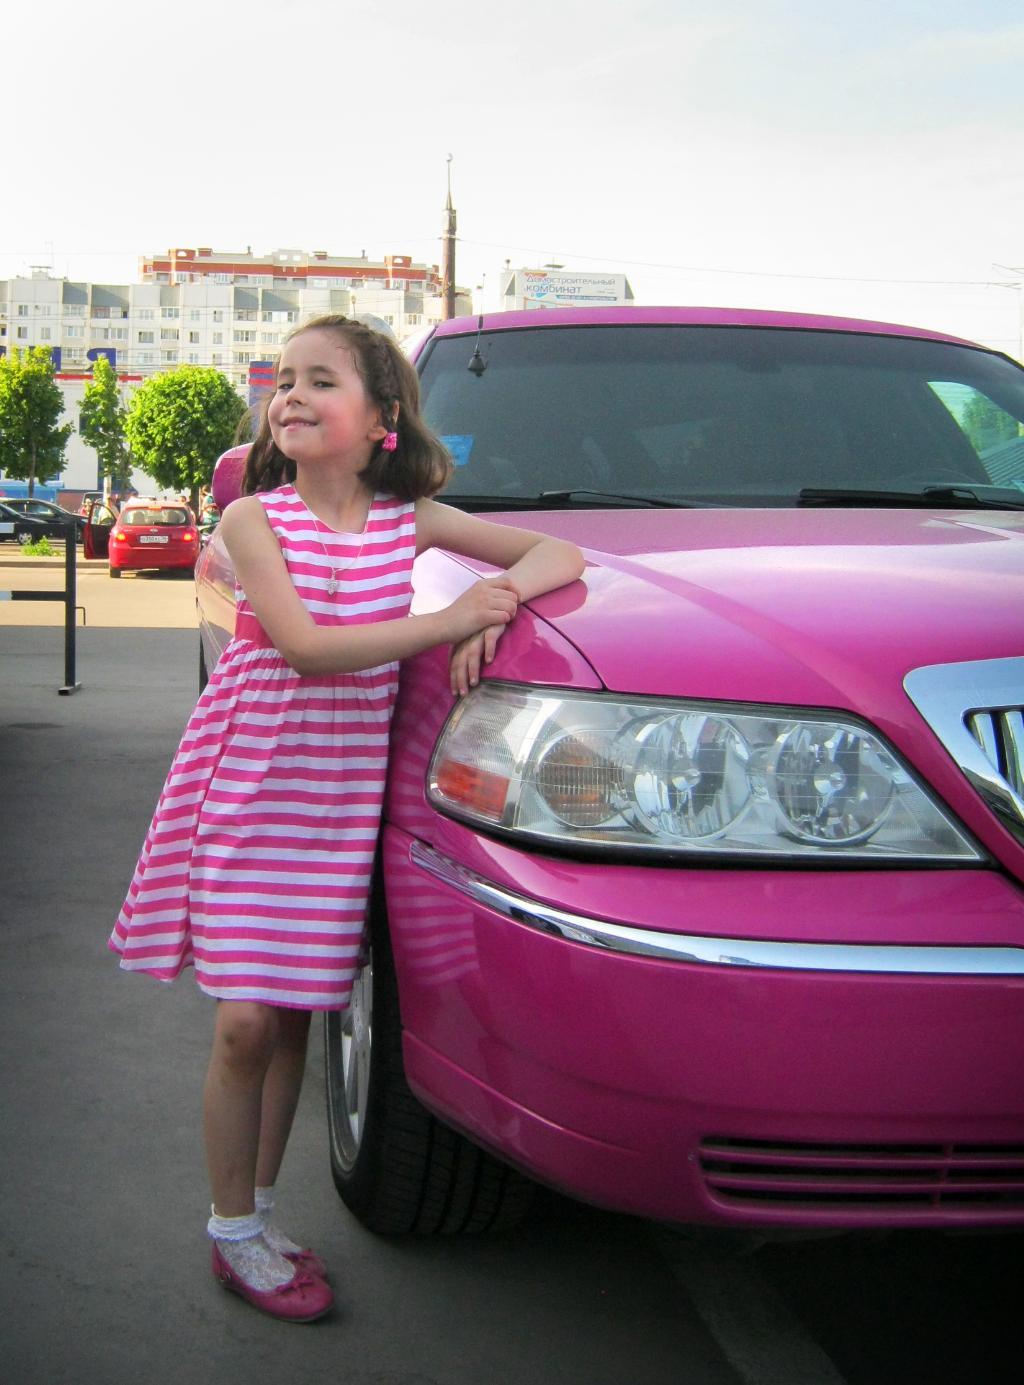 Мое платье очень подходит под розовый лимузин!!!. Маленькая модница